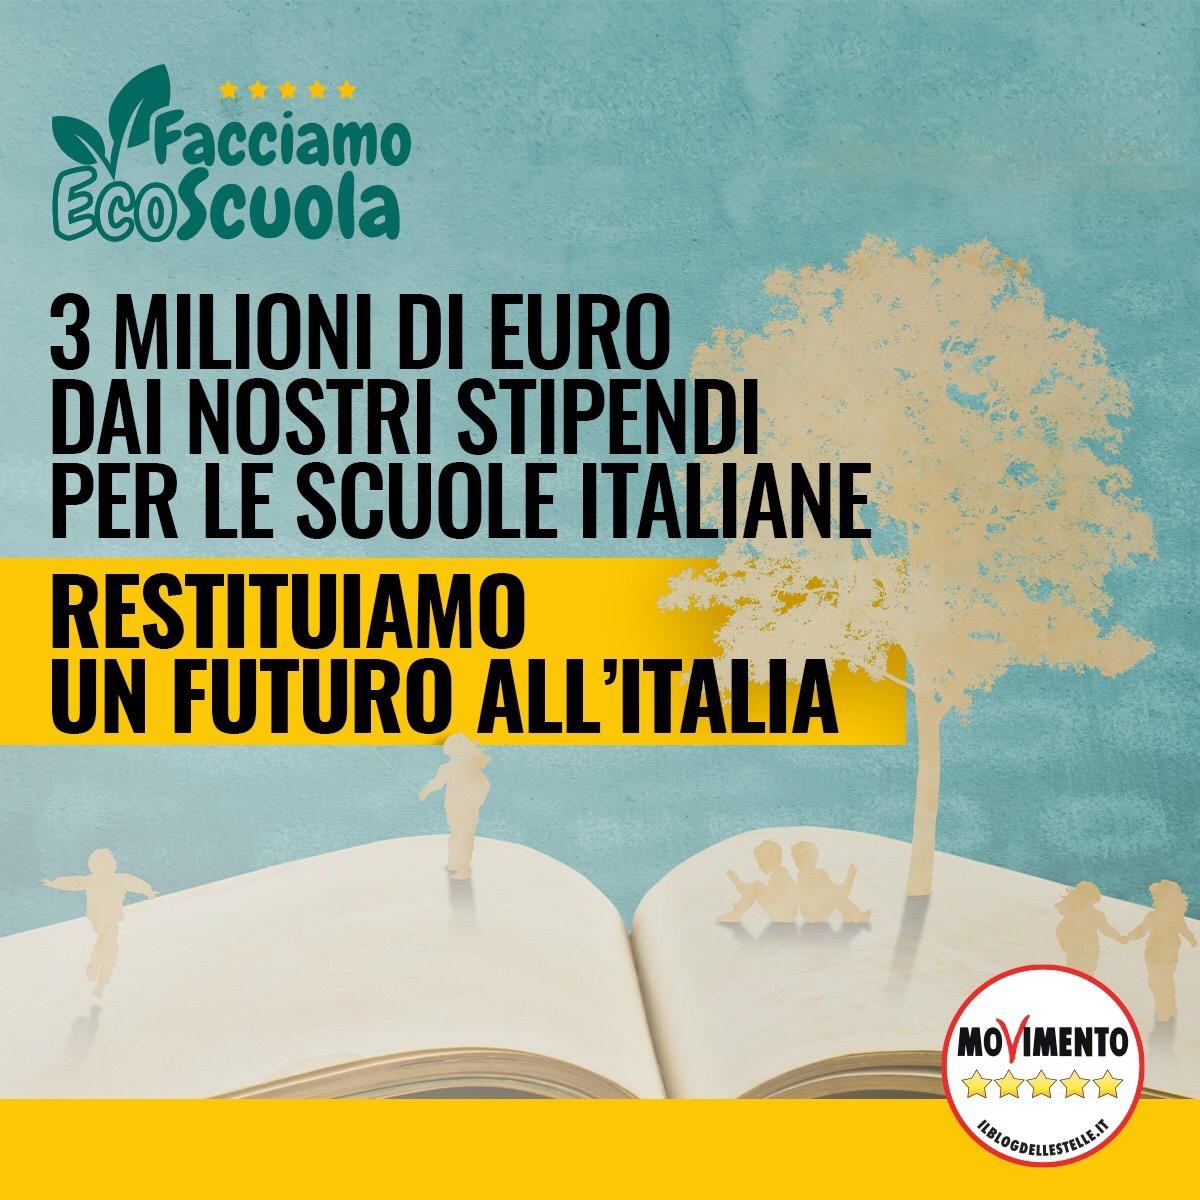 Facciamo Eco-Scuola: 3 Milioni di Euro dei nostri stipendi per le scuole italiane 1